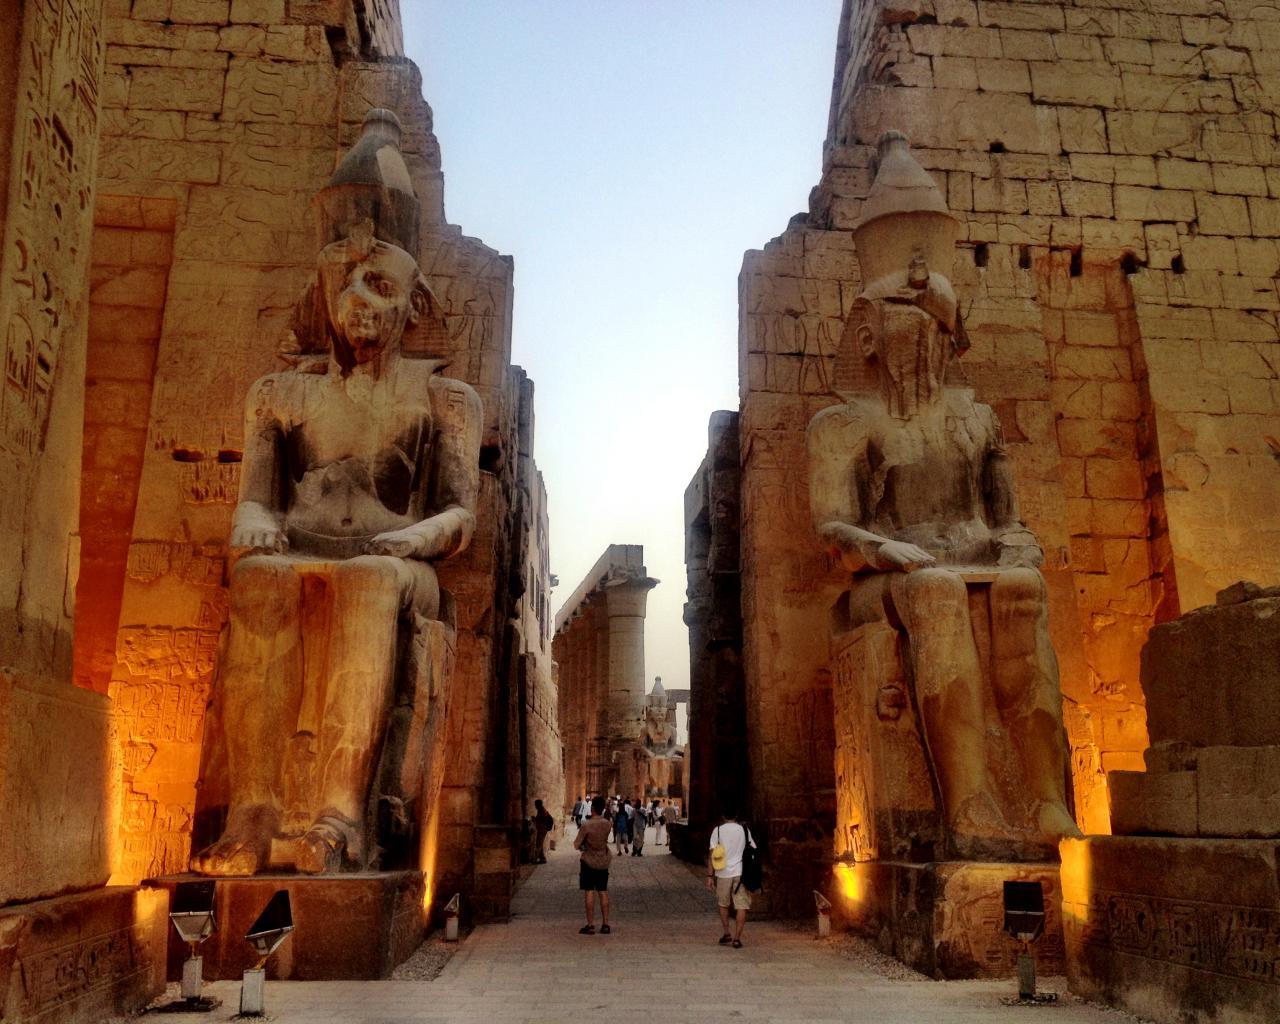 Luxor 1280x1024